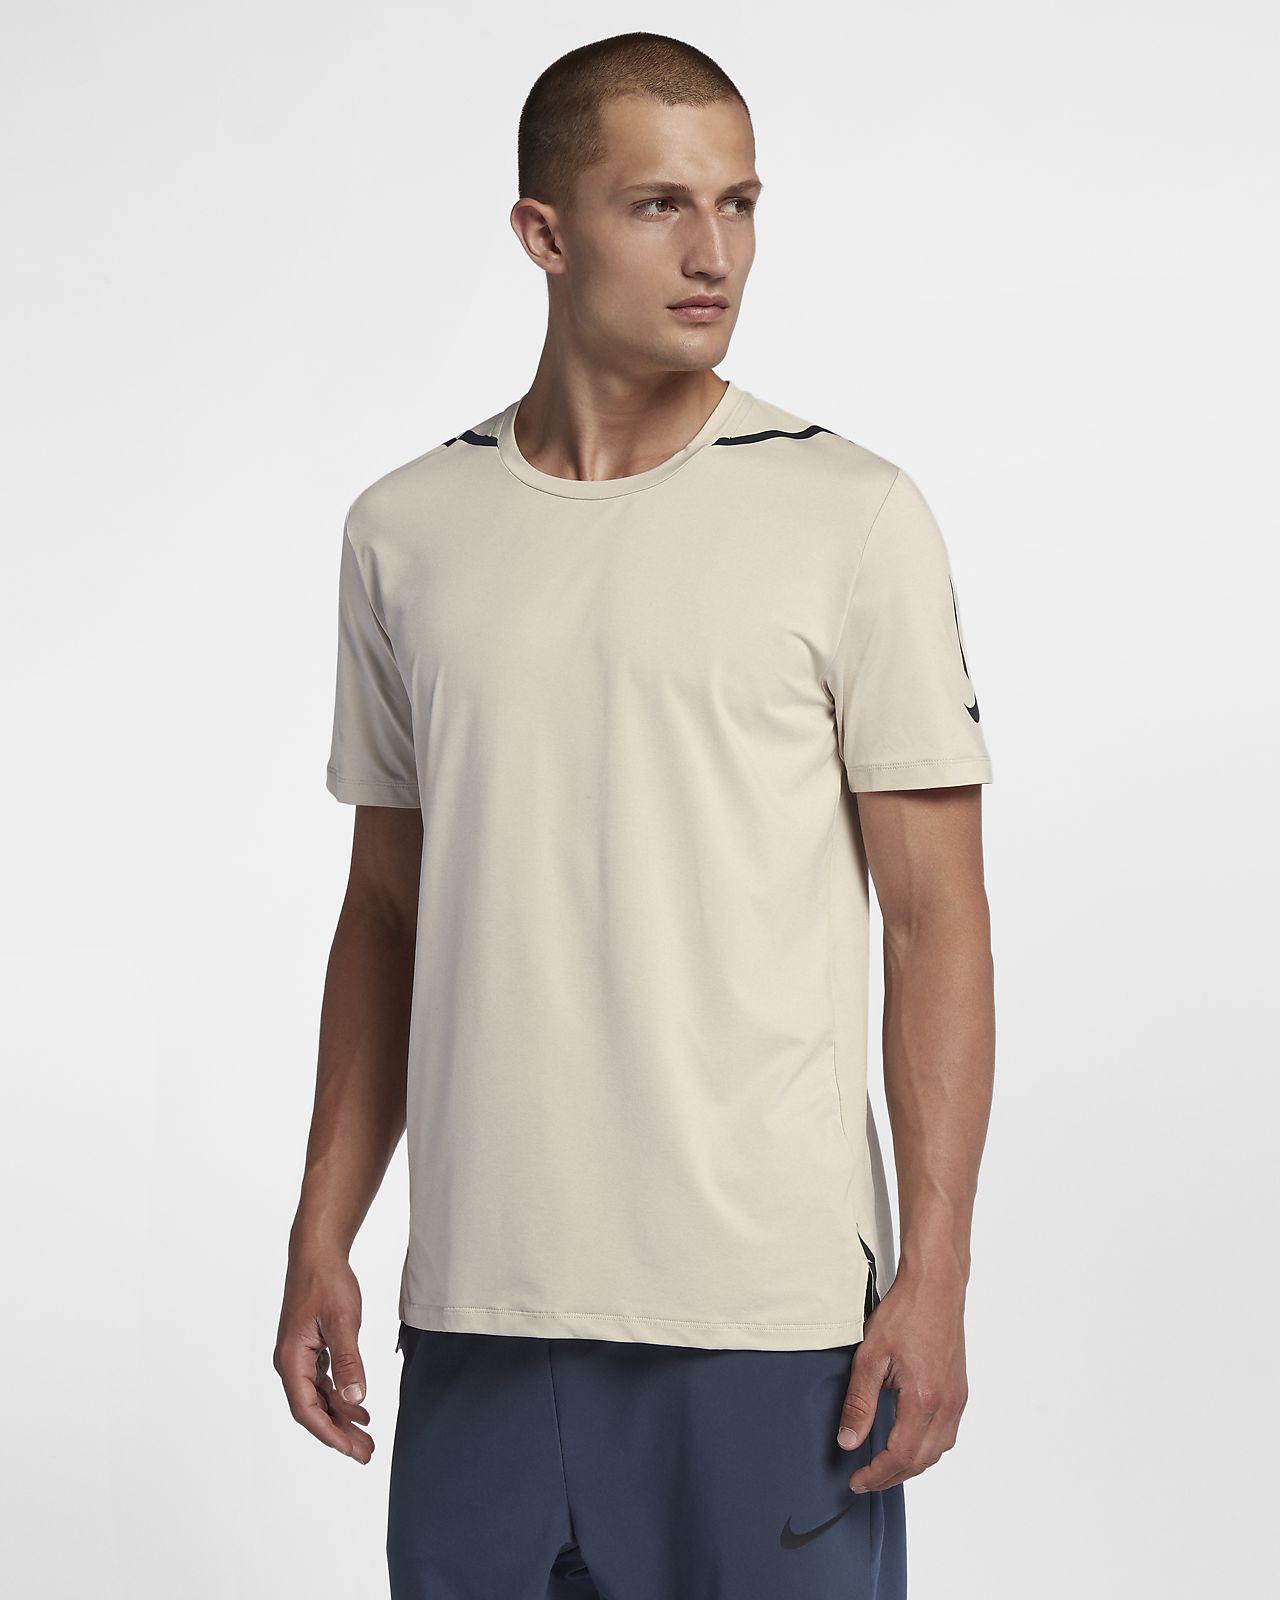 Haut de training à manches courtes Nike Dri-FIT Premium pour Homme